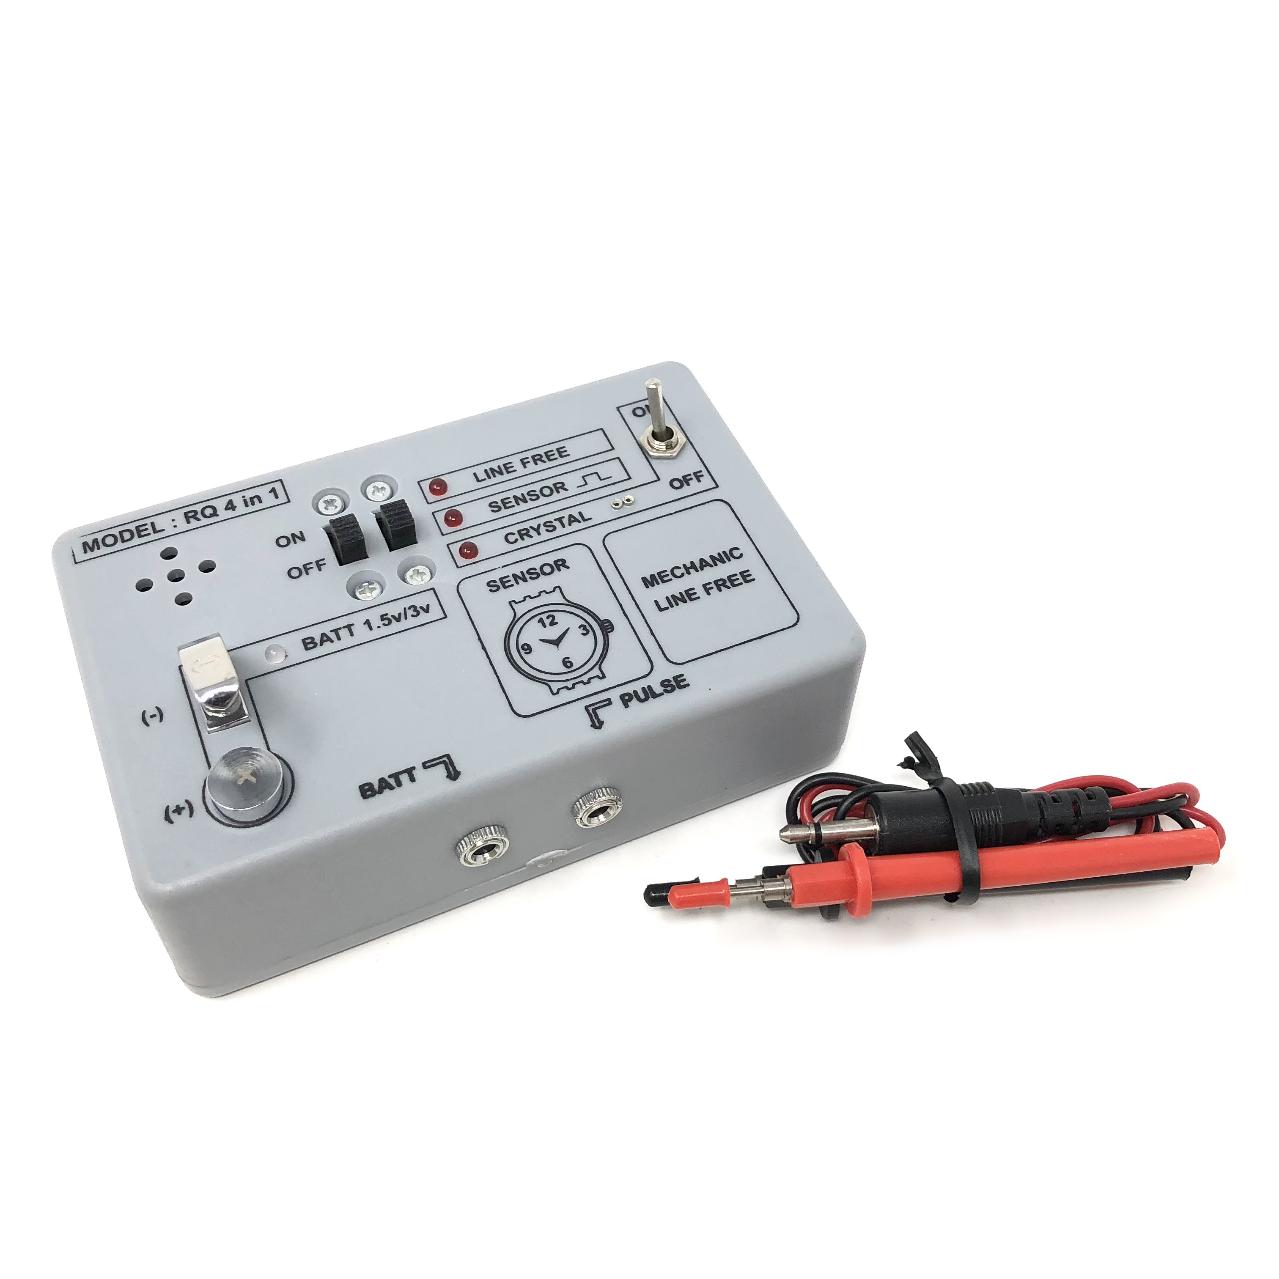 Quarz Uhr Tester 4 IN 1 Line Gratis / Freigabe, Puls, Kreislauf, Batterie Testen